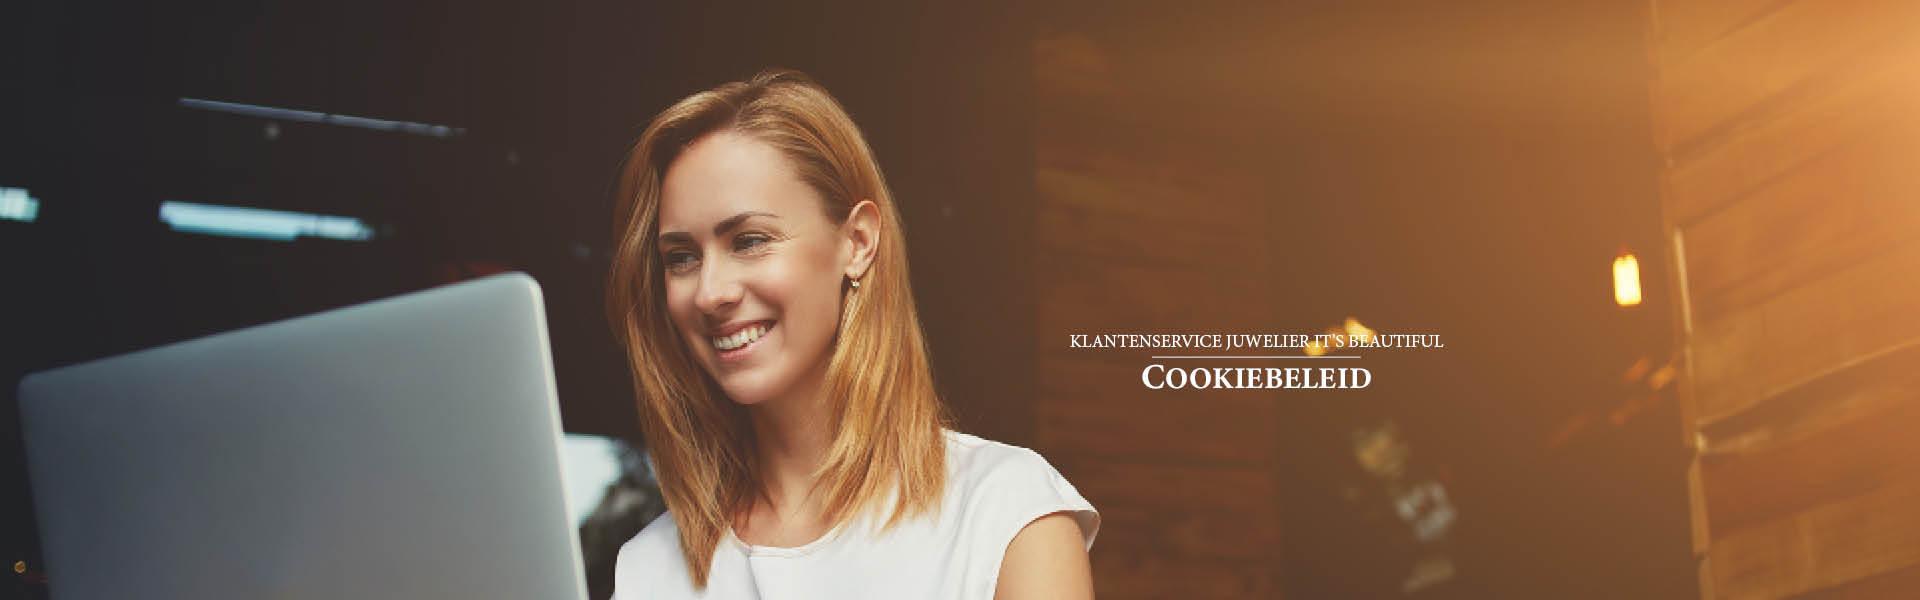 Cookiebeleid